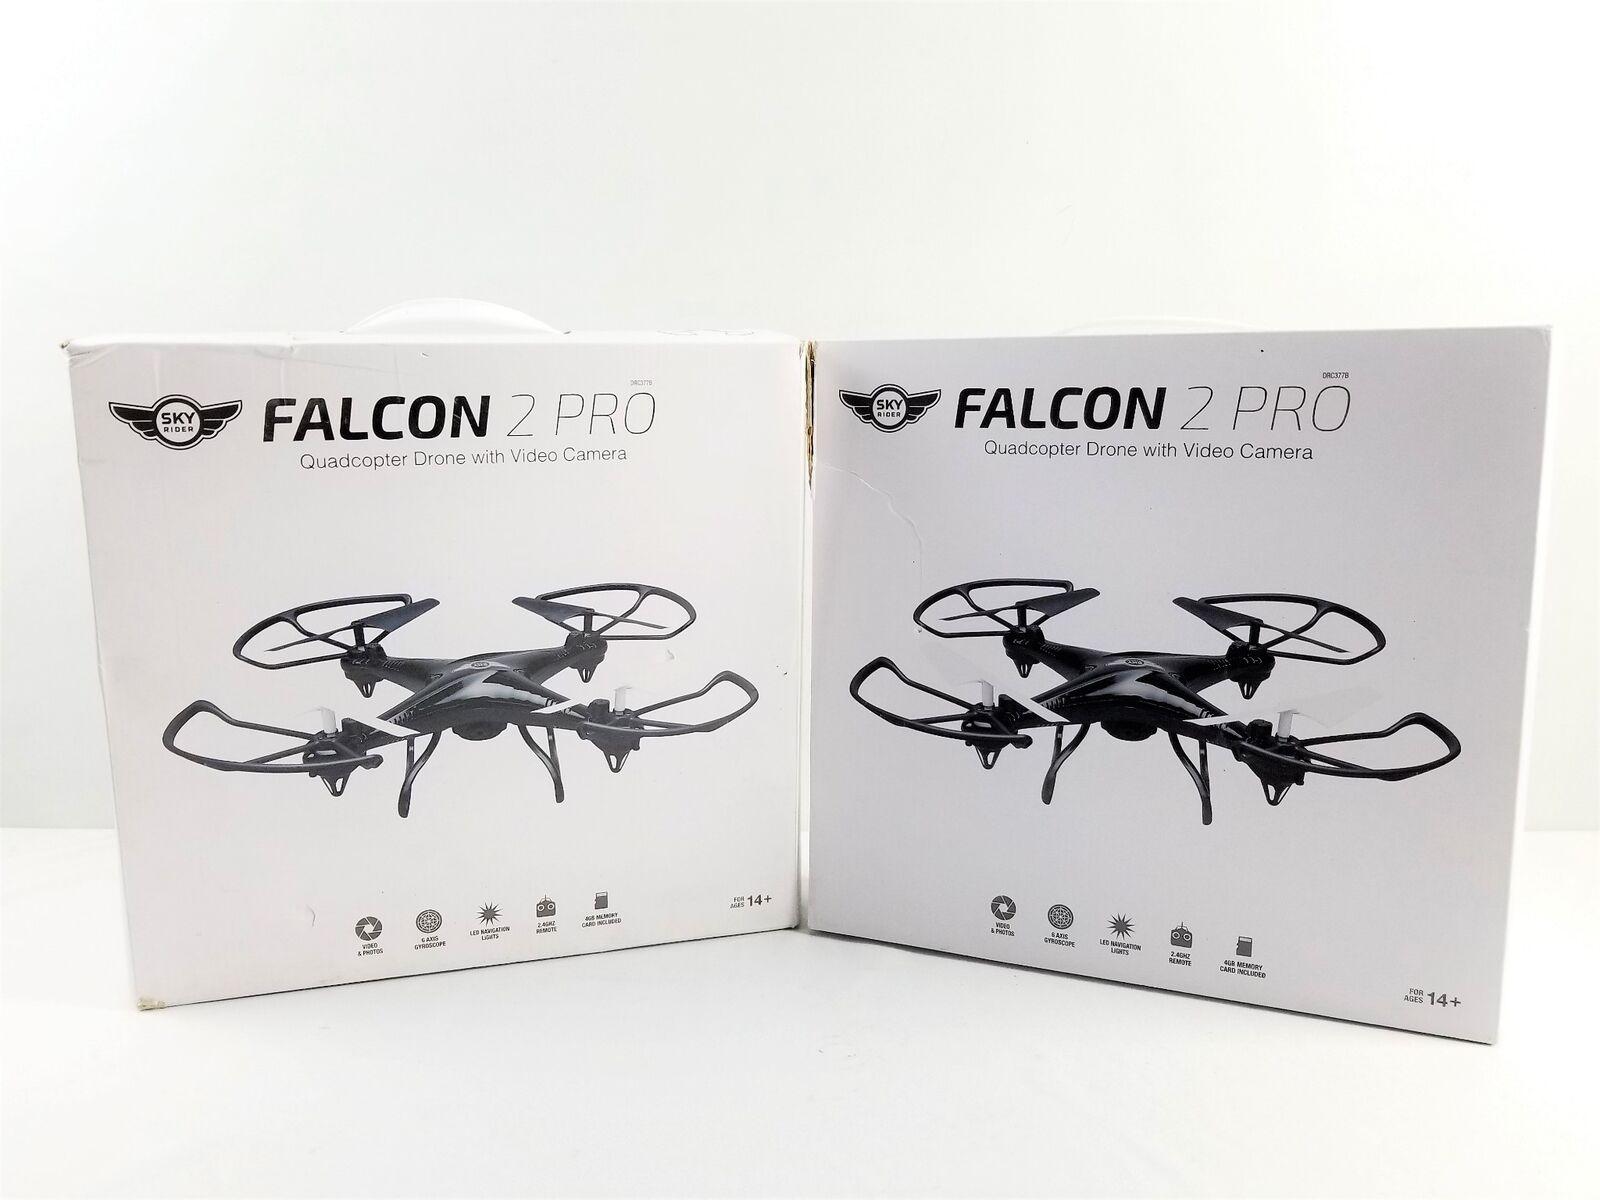 Dos Sky Rider Falcon 2 Pro Cuadricóptero drones piezas